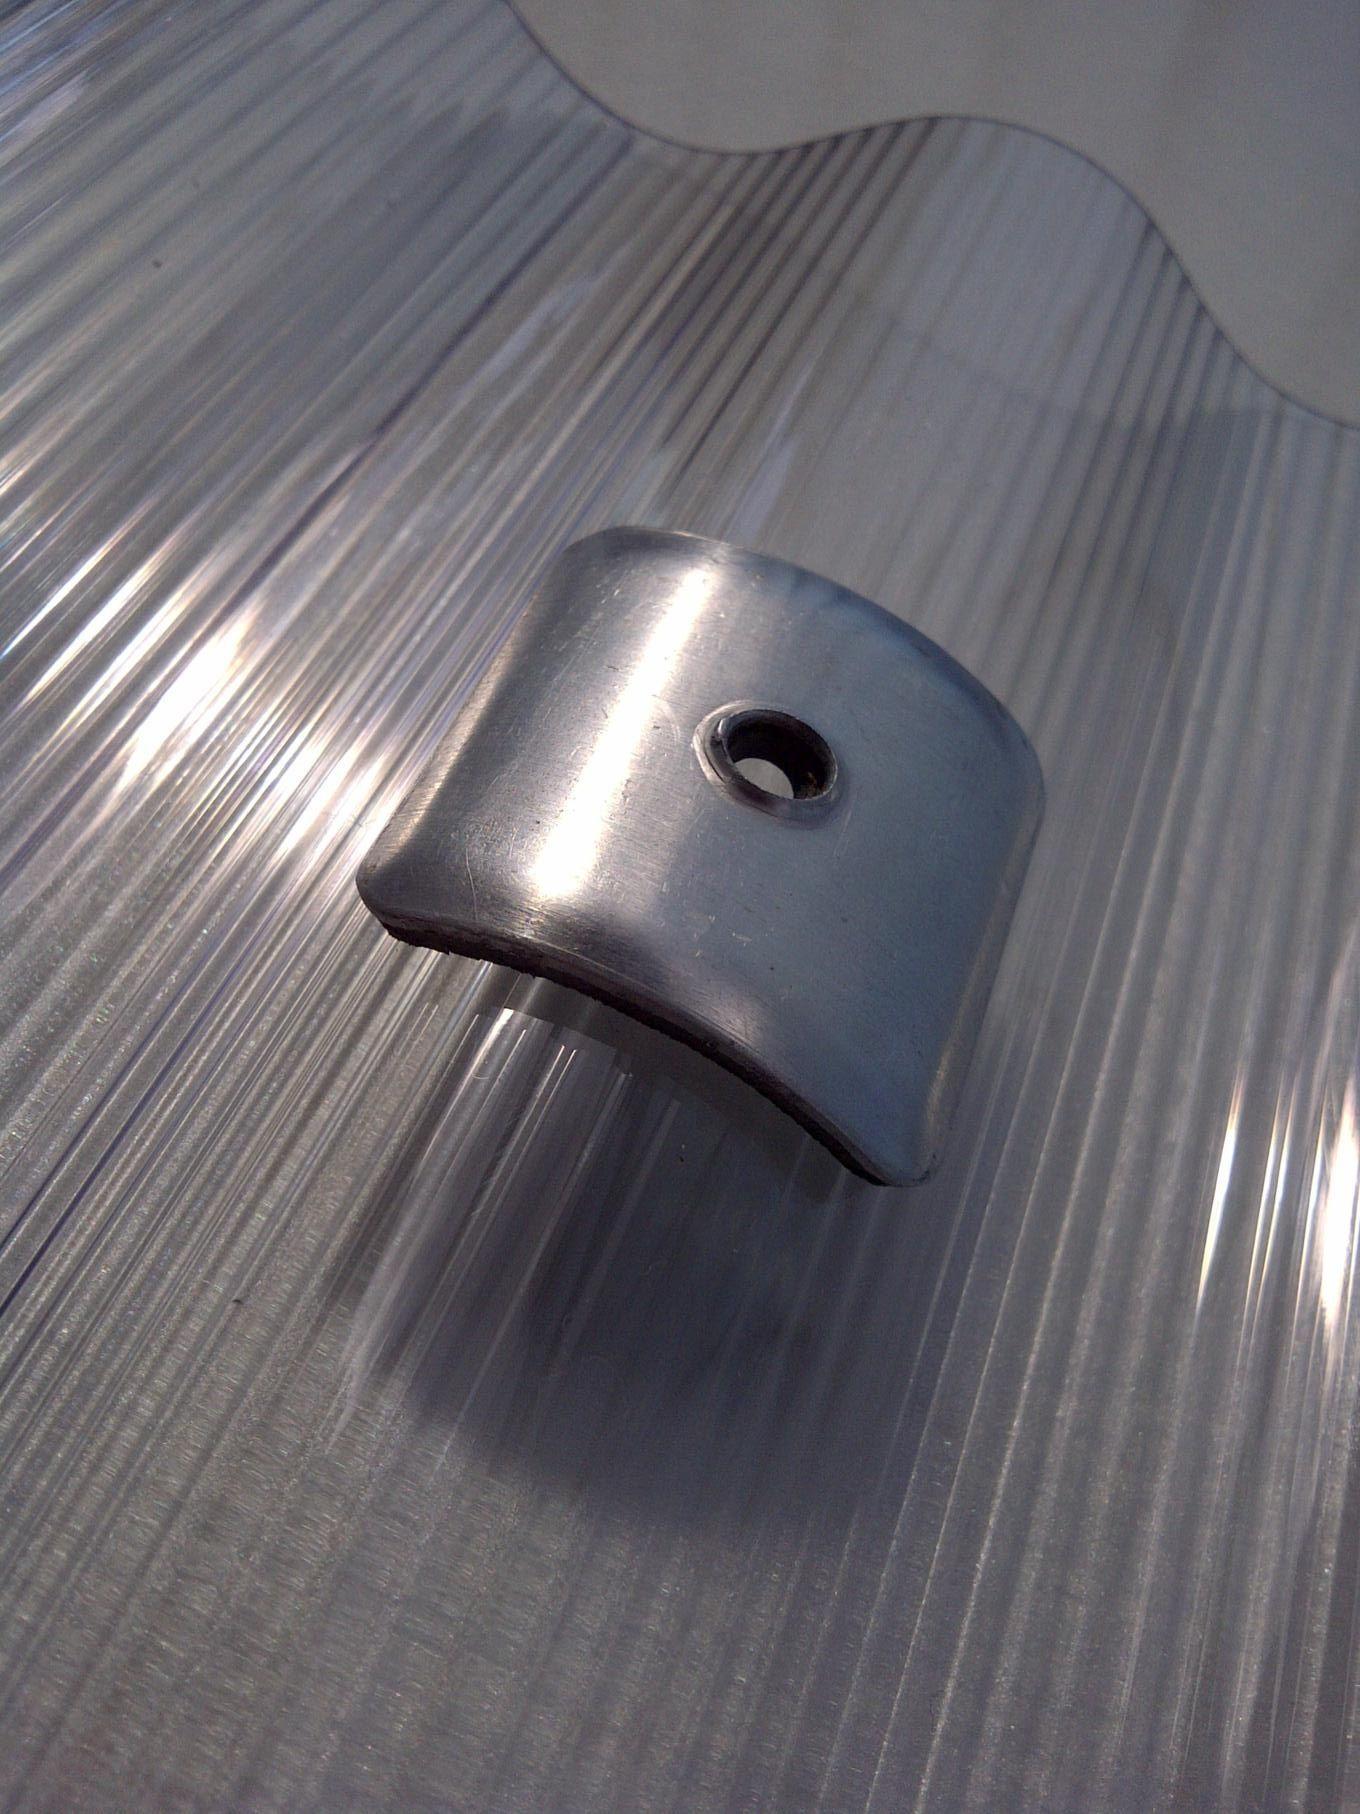 Montagezubehör für PC- Wellplatte (Elefantenplatte). Alu- Montagebügel zur fachgerechten Befestigung ab 3000mm Plattenlänge...!